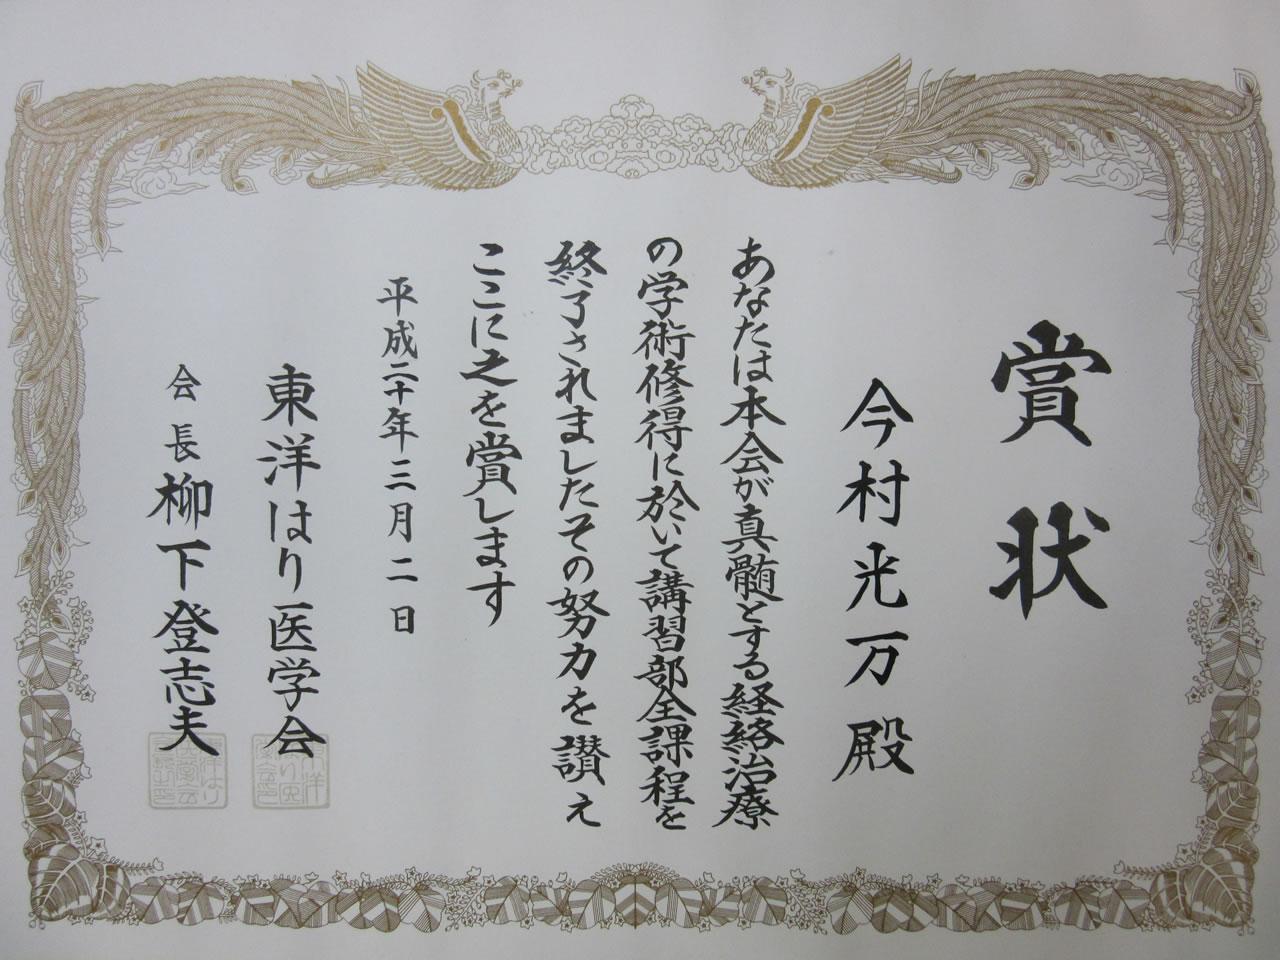 東洋はり医学会 経絡治療 講習部 全過程 修了賞状